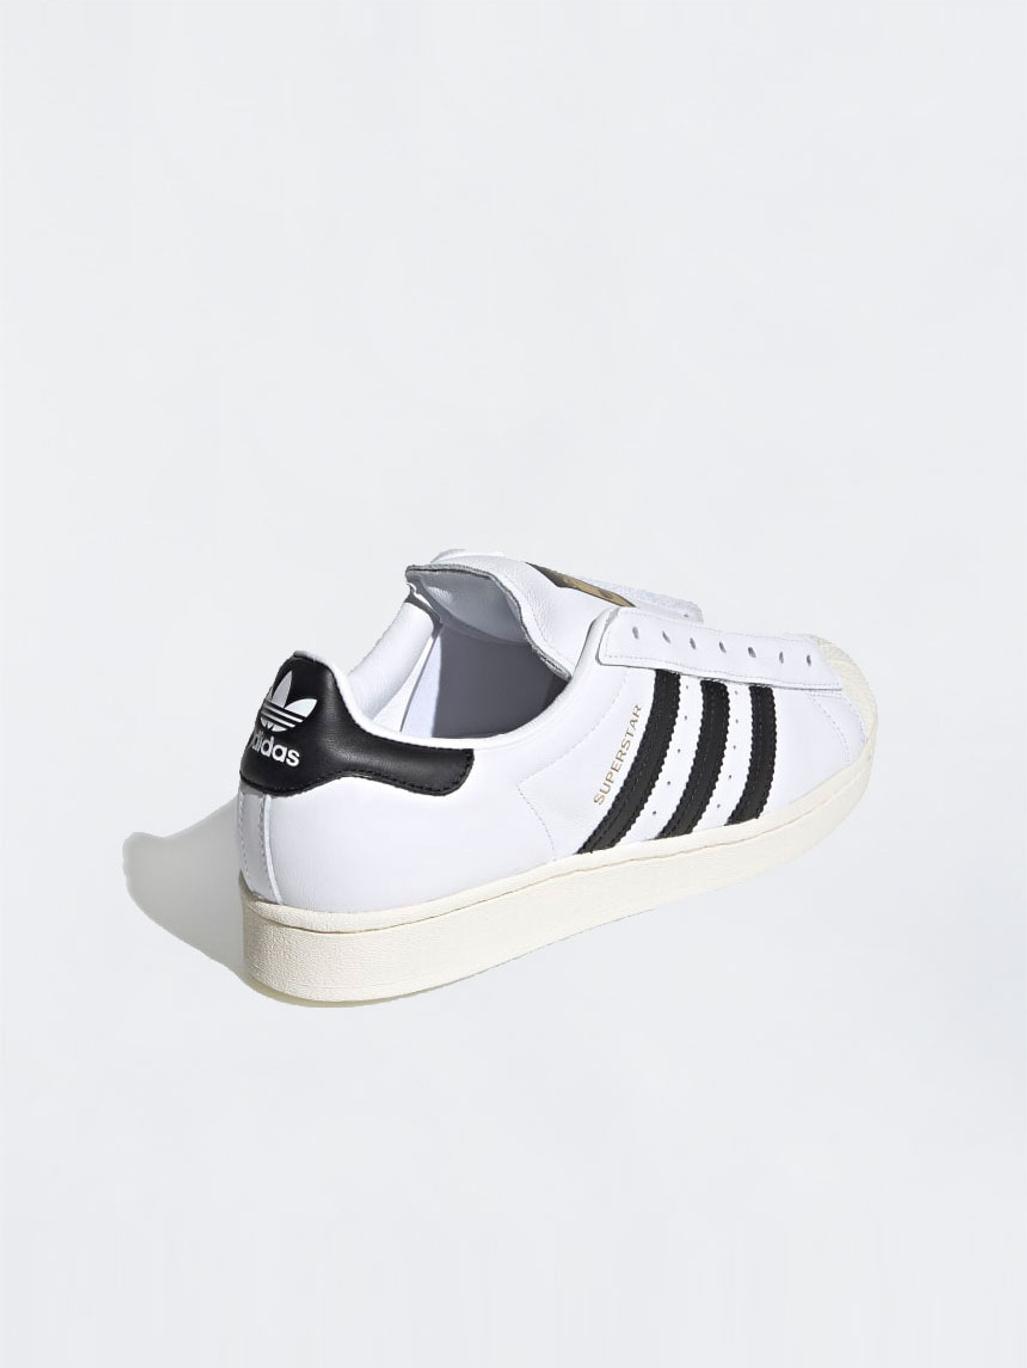 Adidas 3 1 37 Größe weiß creme Männer 80 Superstar